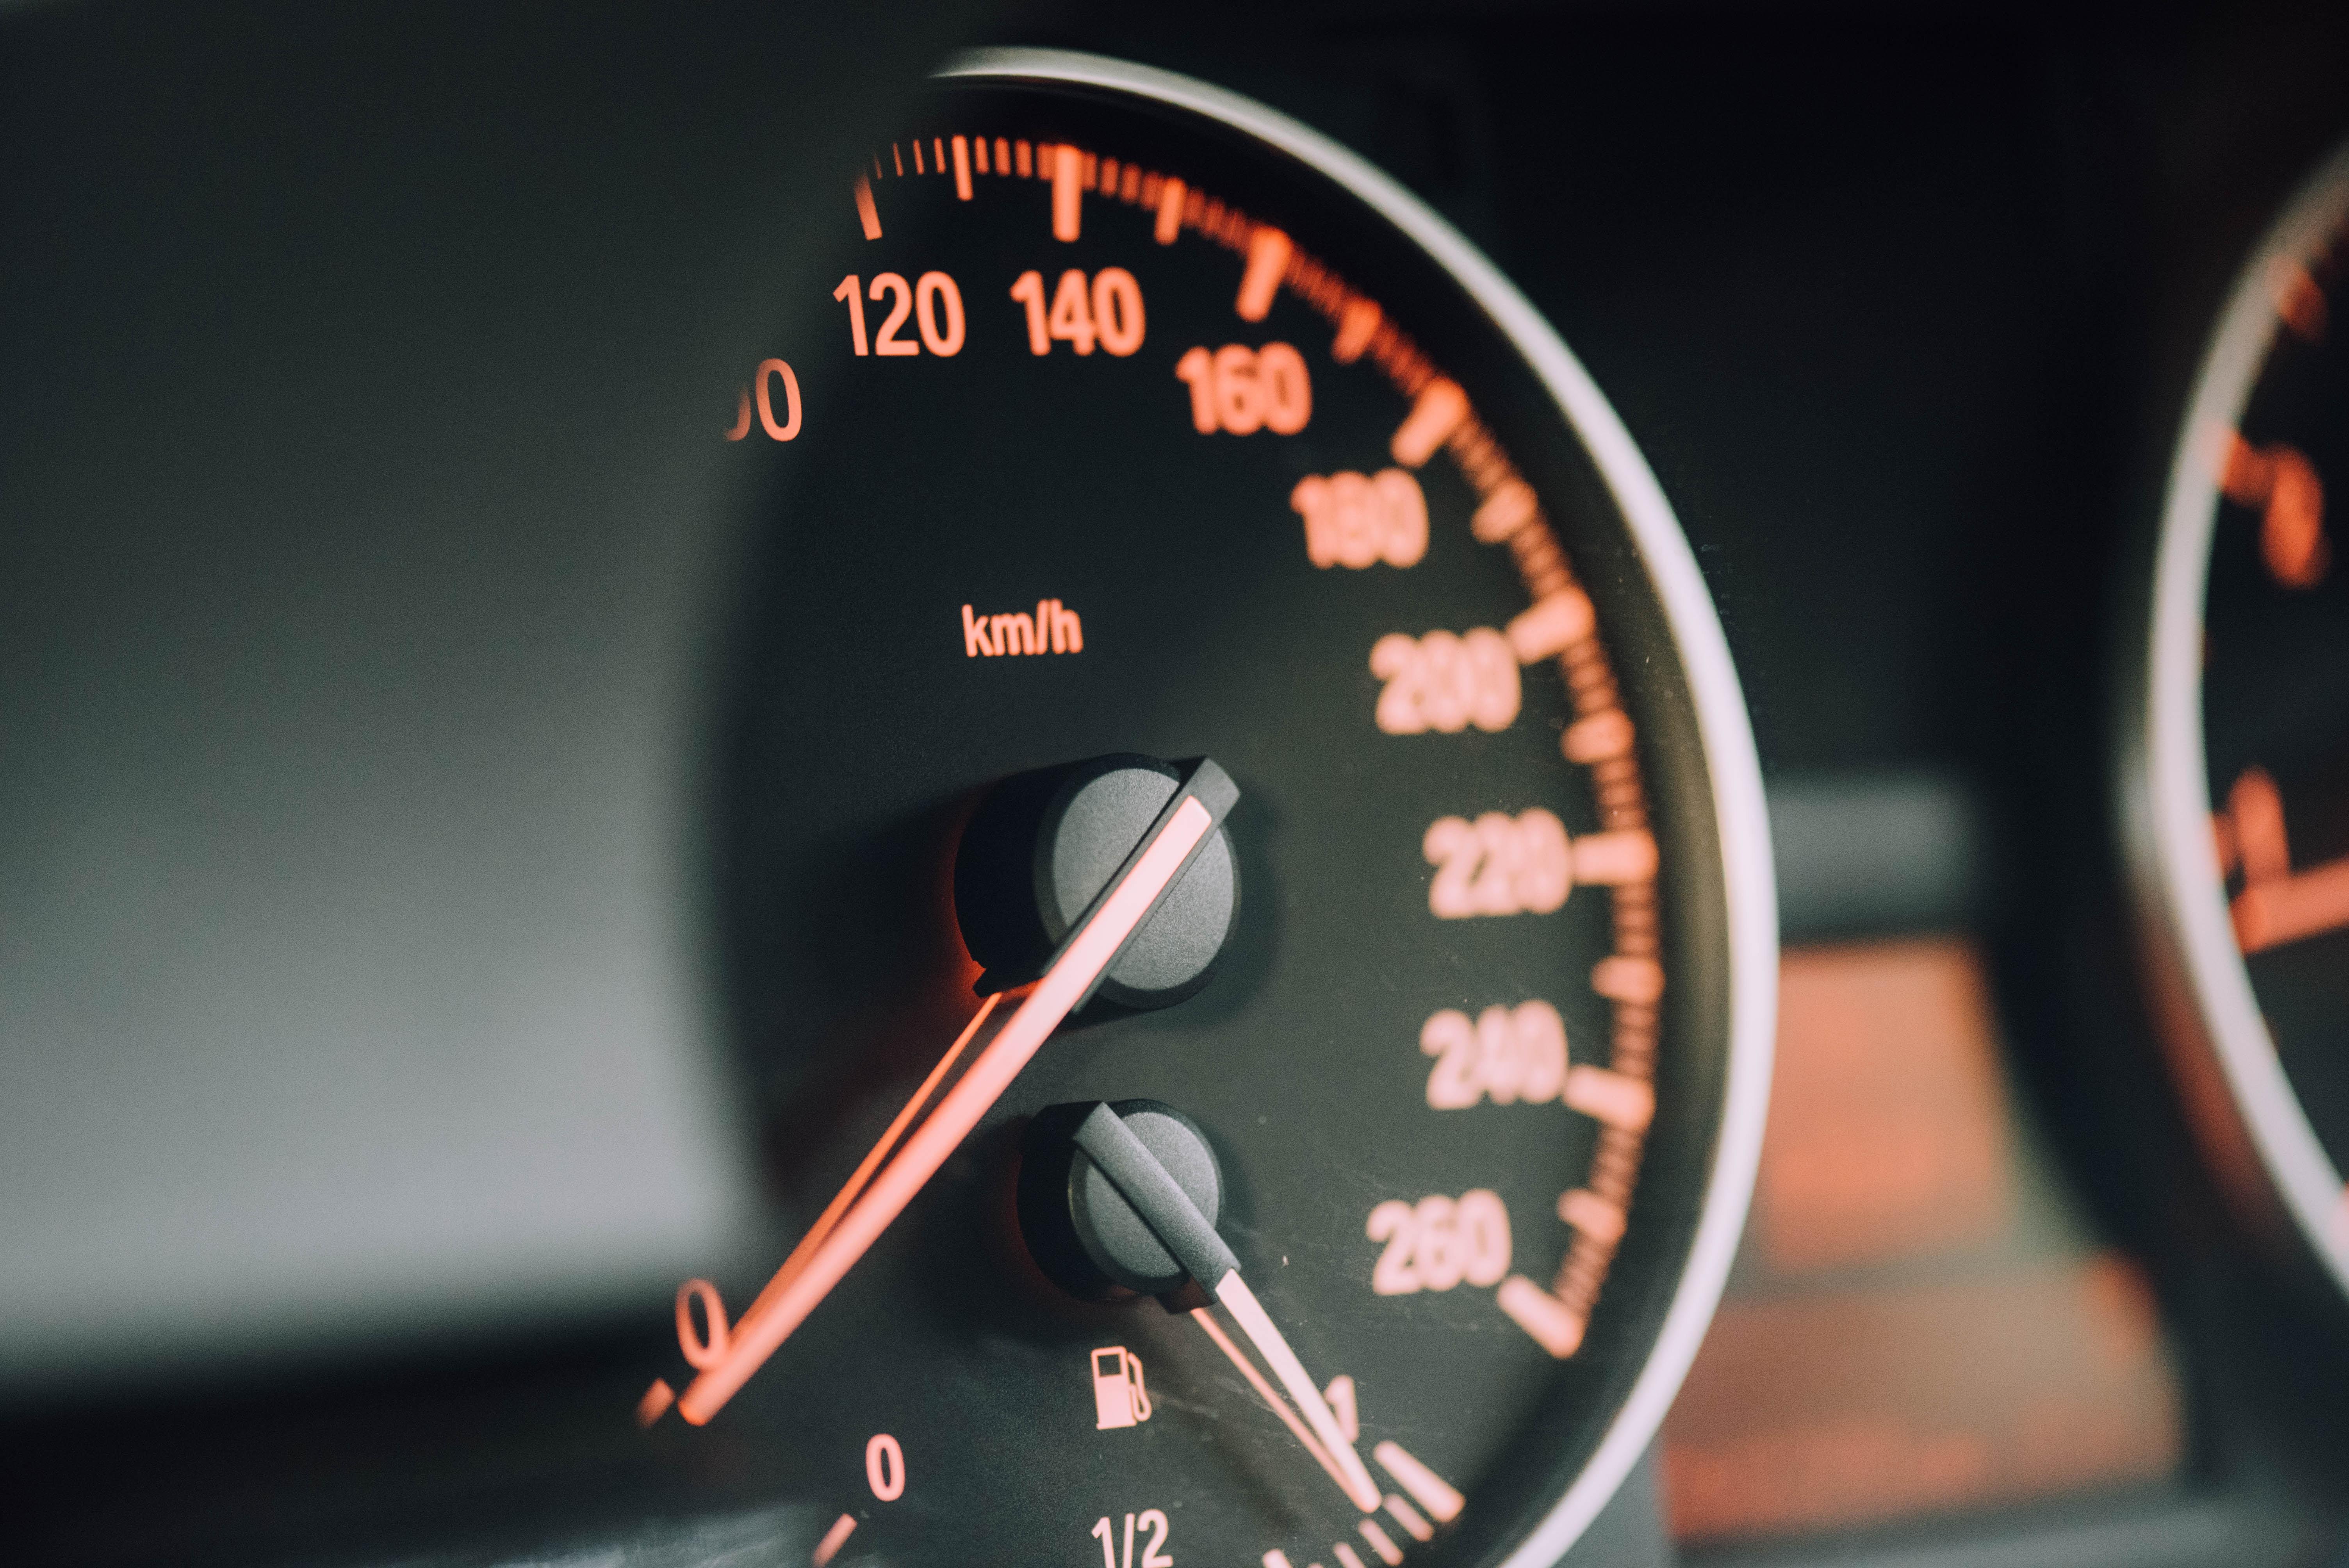 98929壁紙のダウンロードカール, スピードメーター, 速度計, 矢印, 数字, 番号, 分割, 除法-スクリーンセーバーと写真を無料で